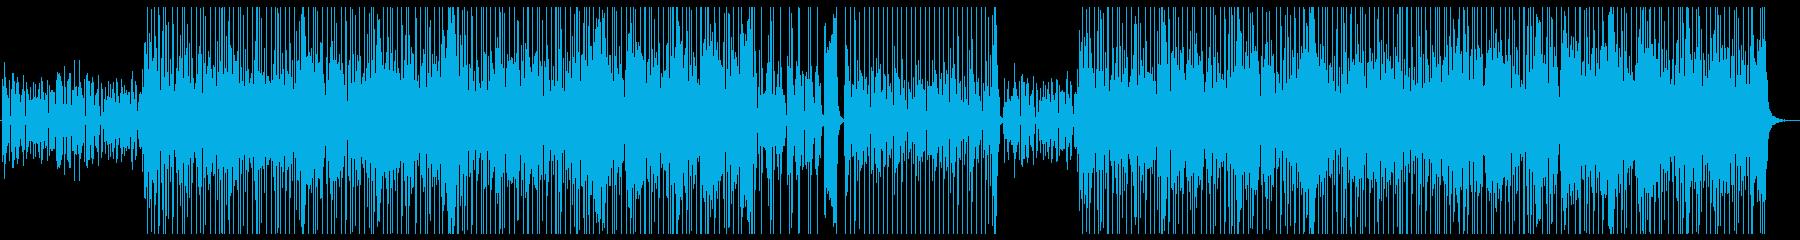 ファンク、ソウル、シンセメロ、'70sの再生済みの波形